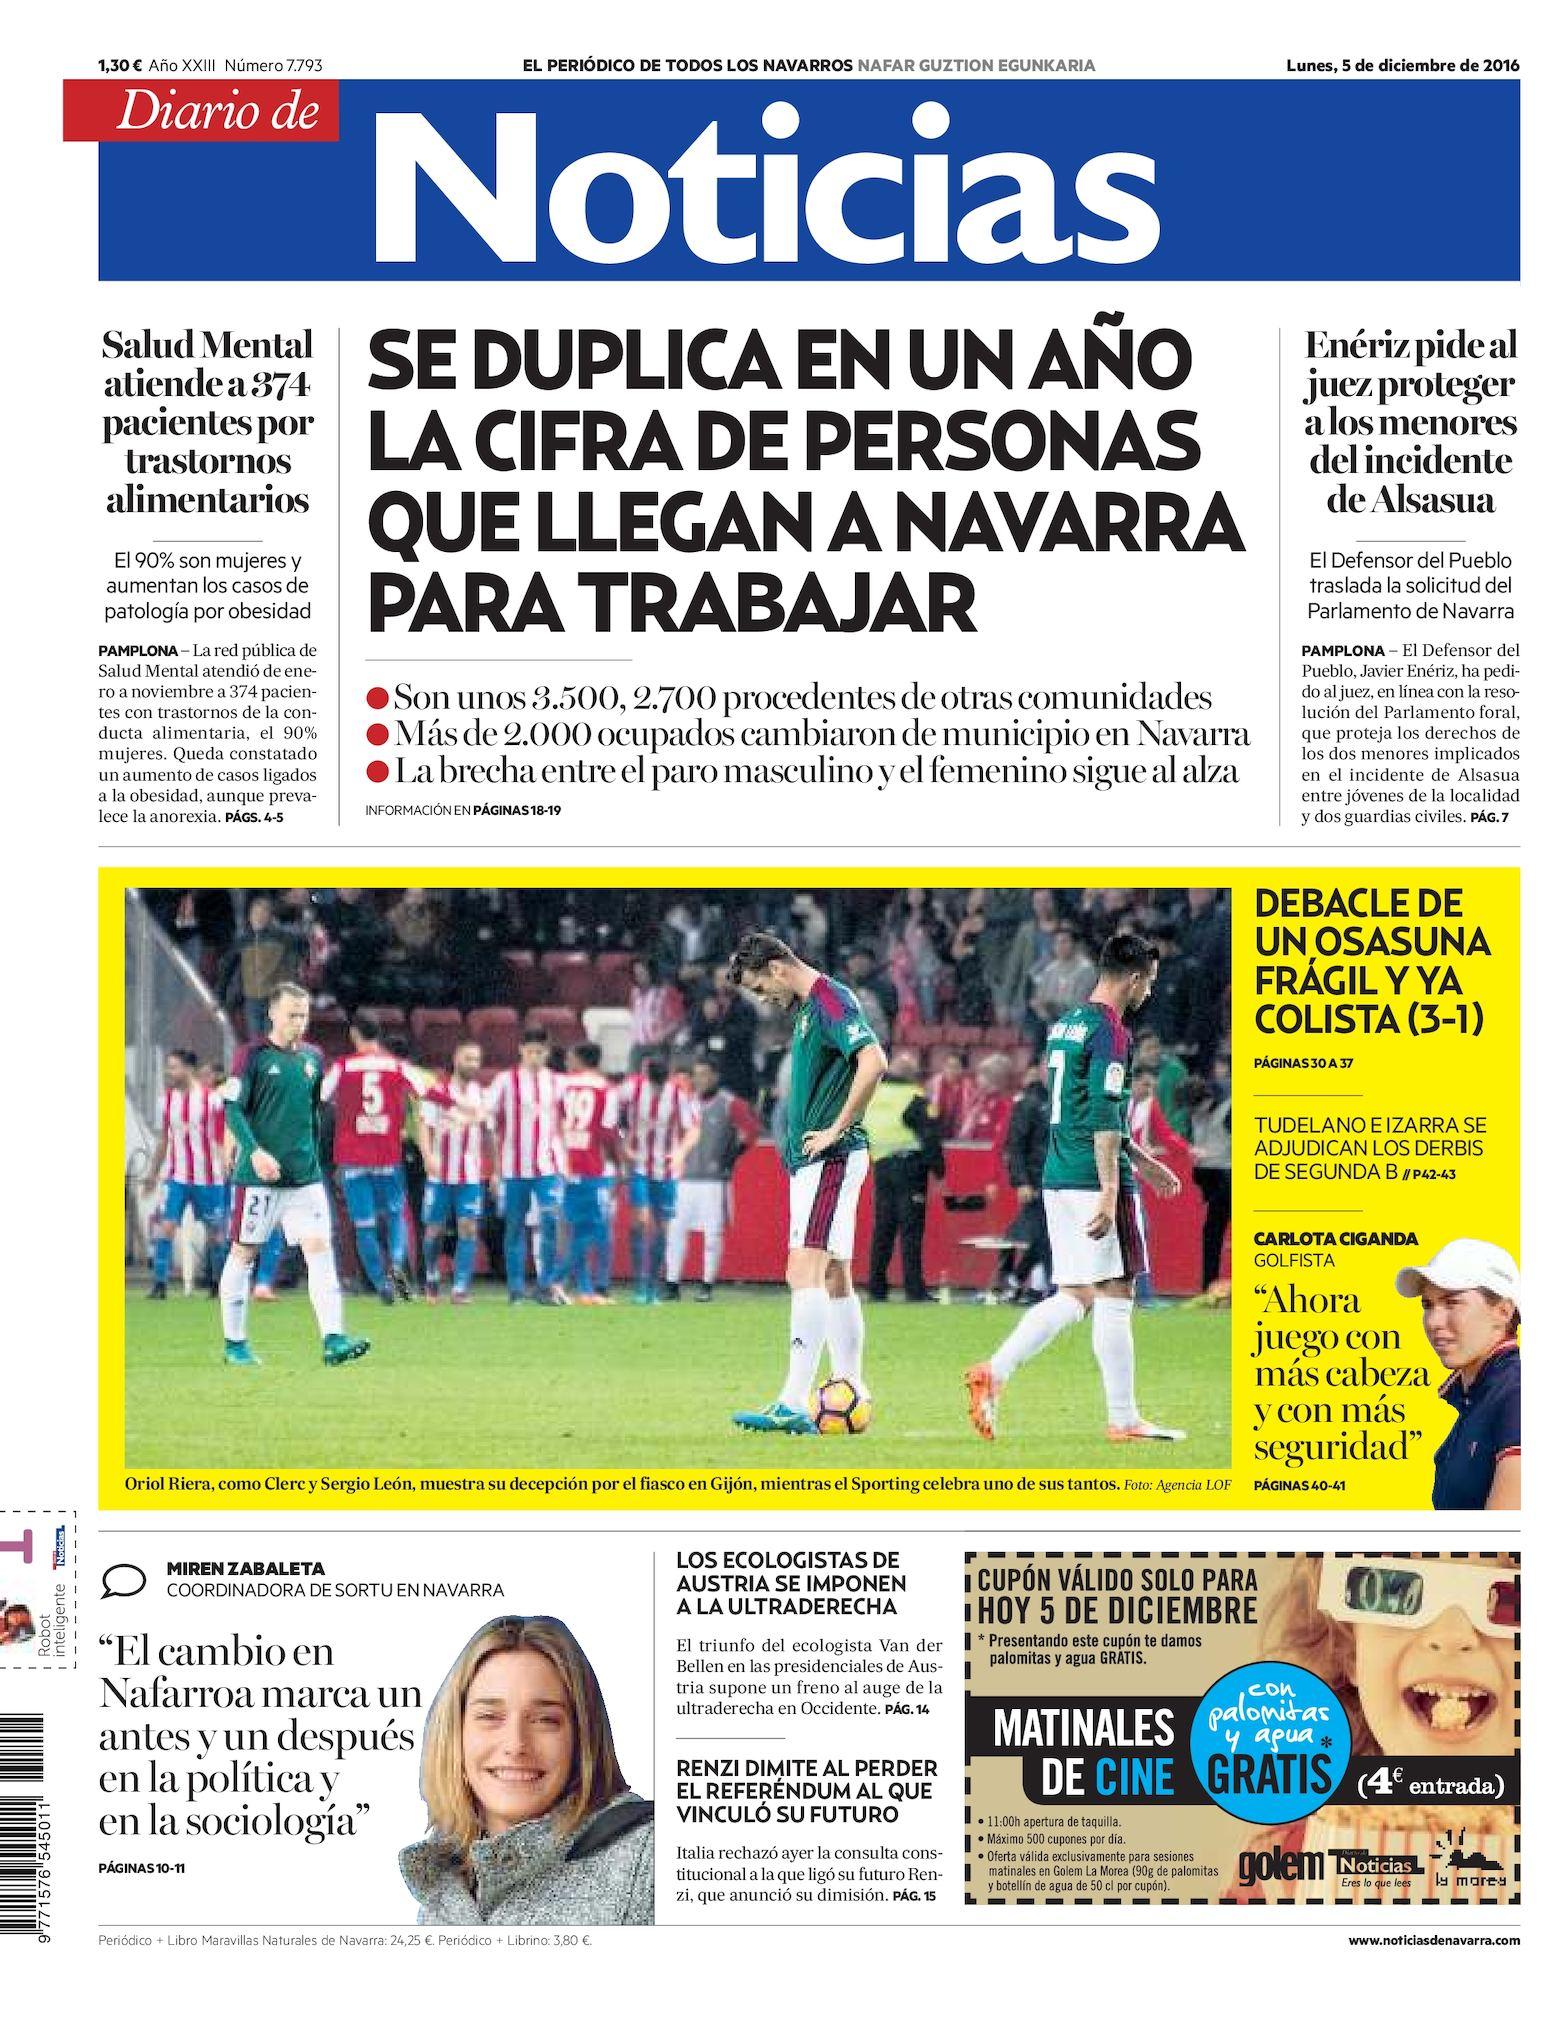 Noticias Calaméo De 20161205 Diario zpGqUMSV